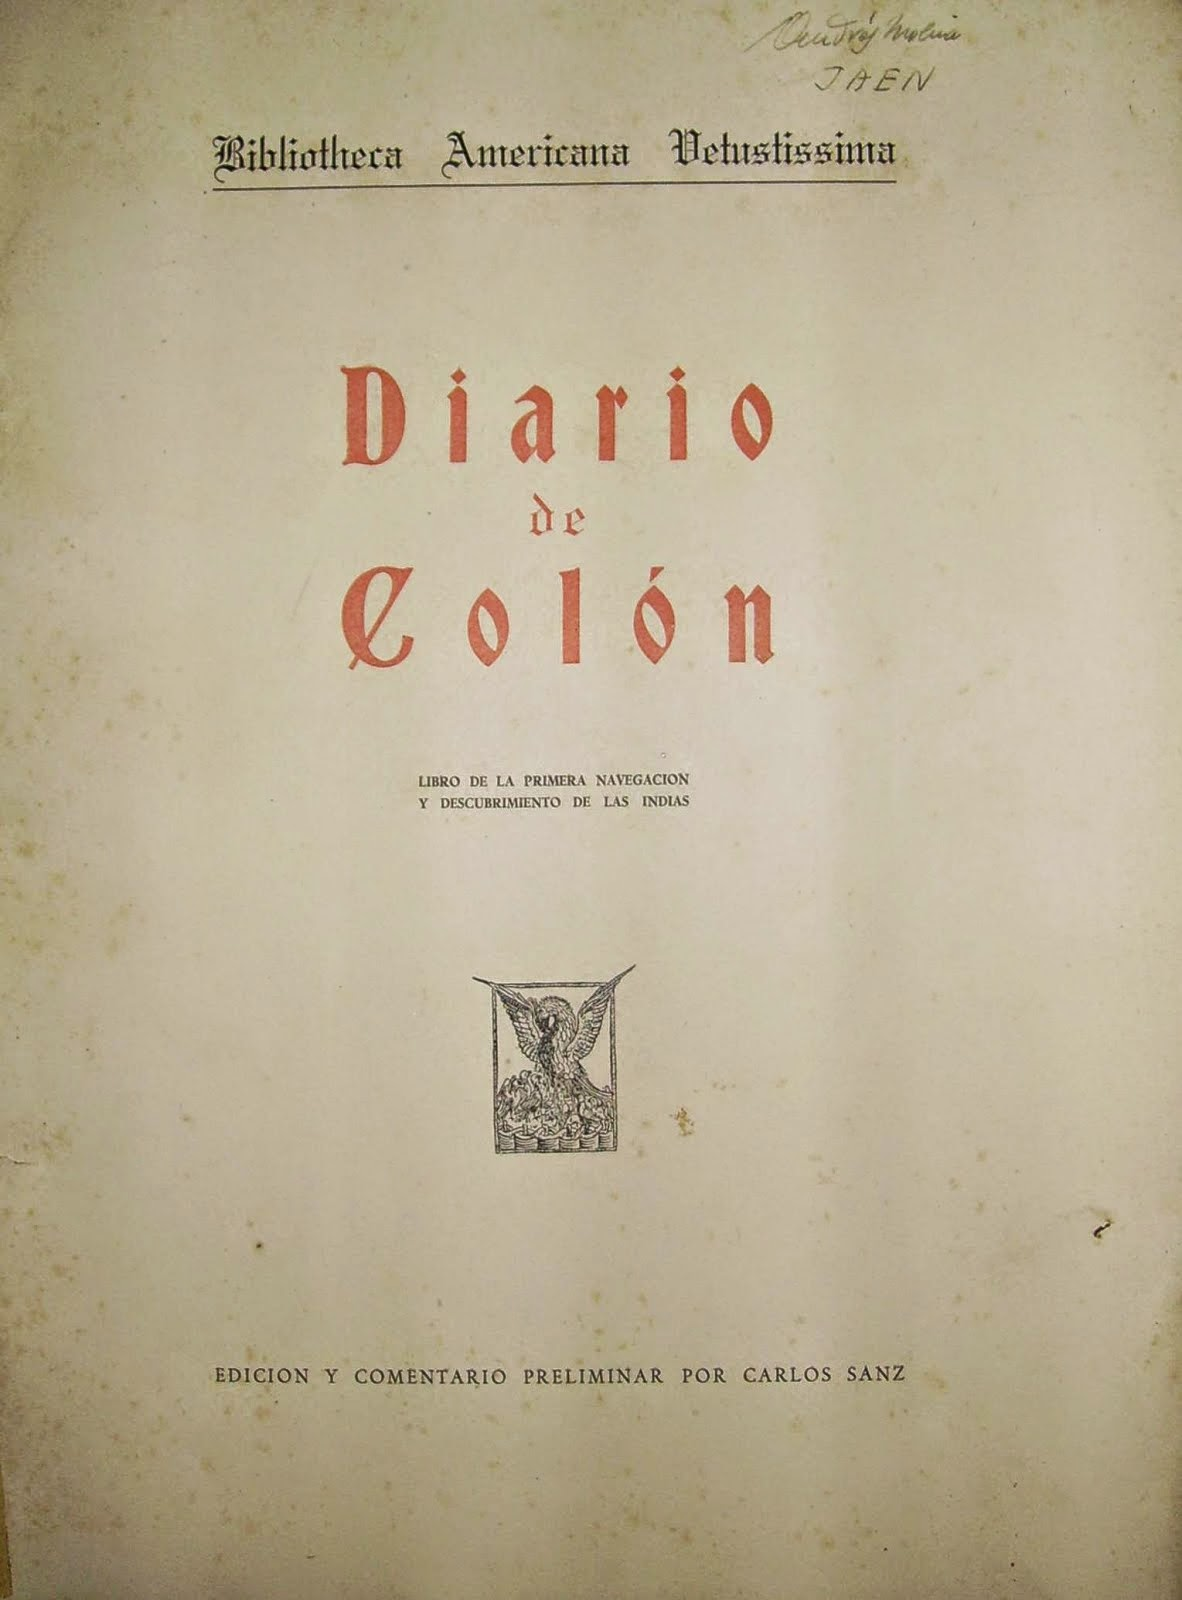 DIARIO DE COLÓN